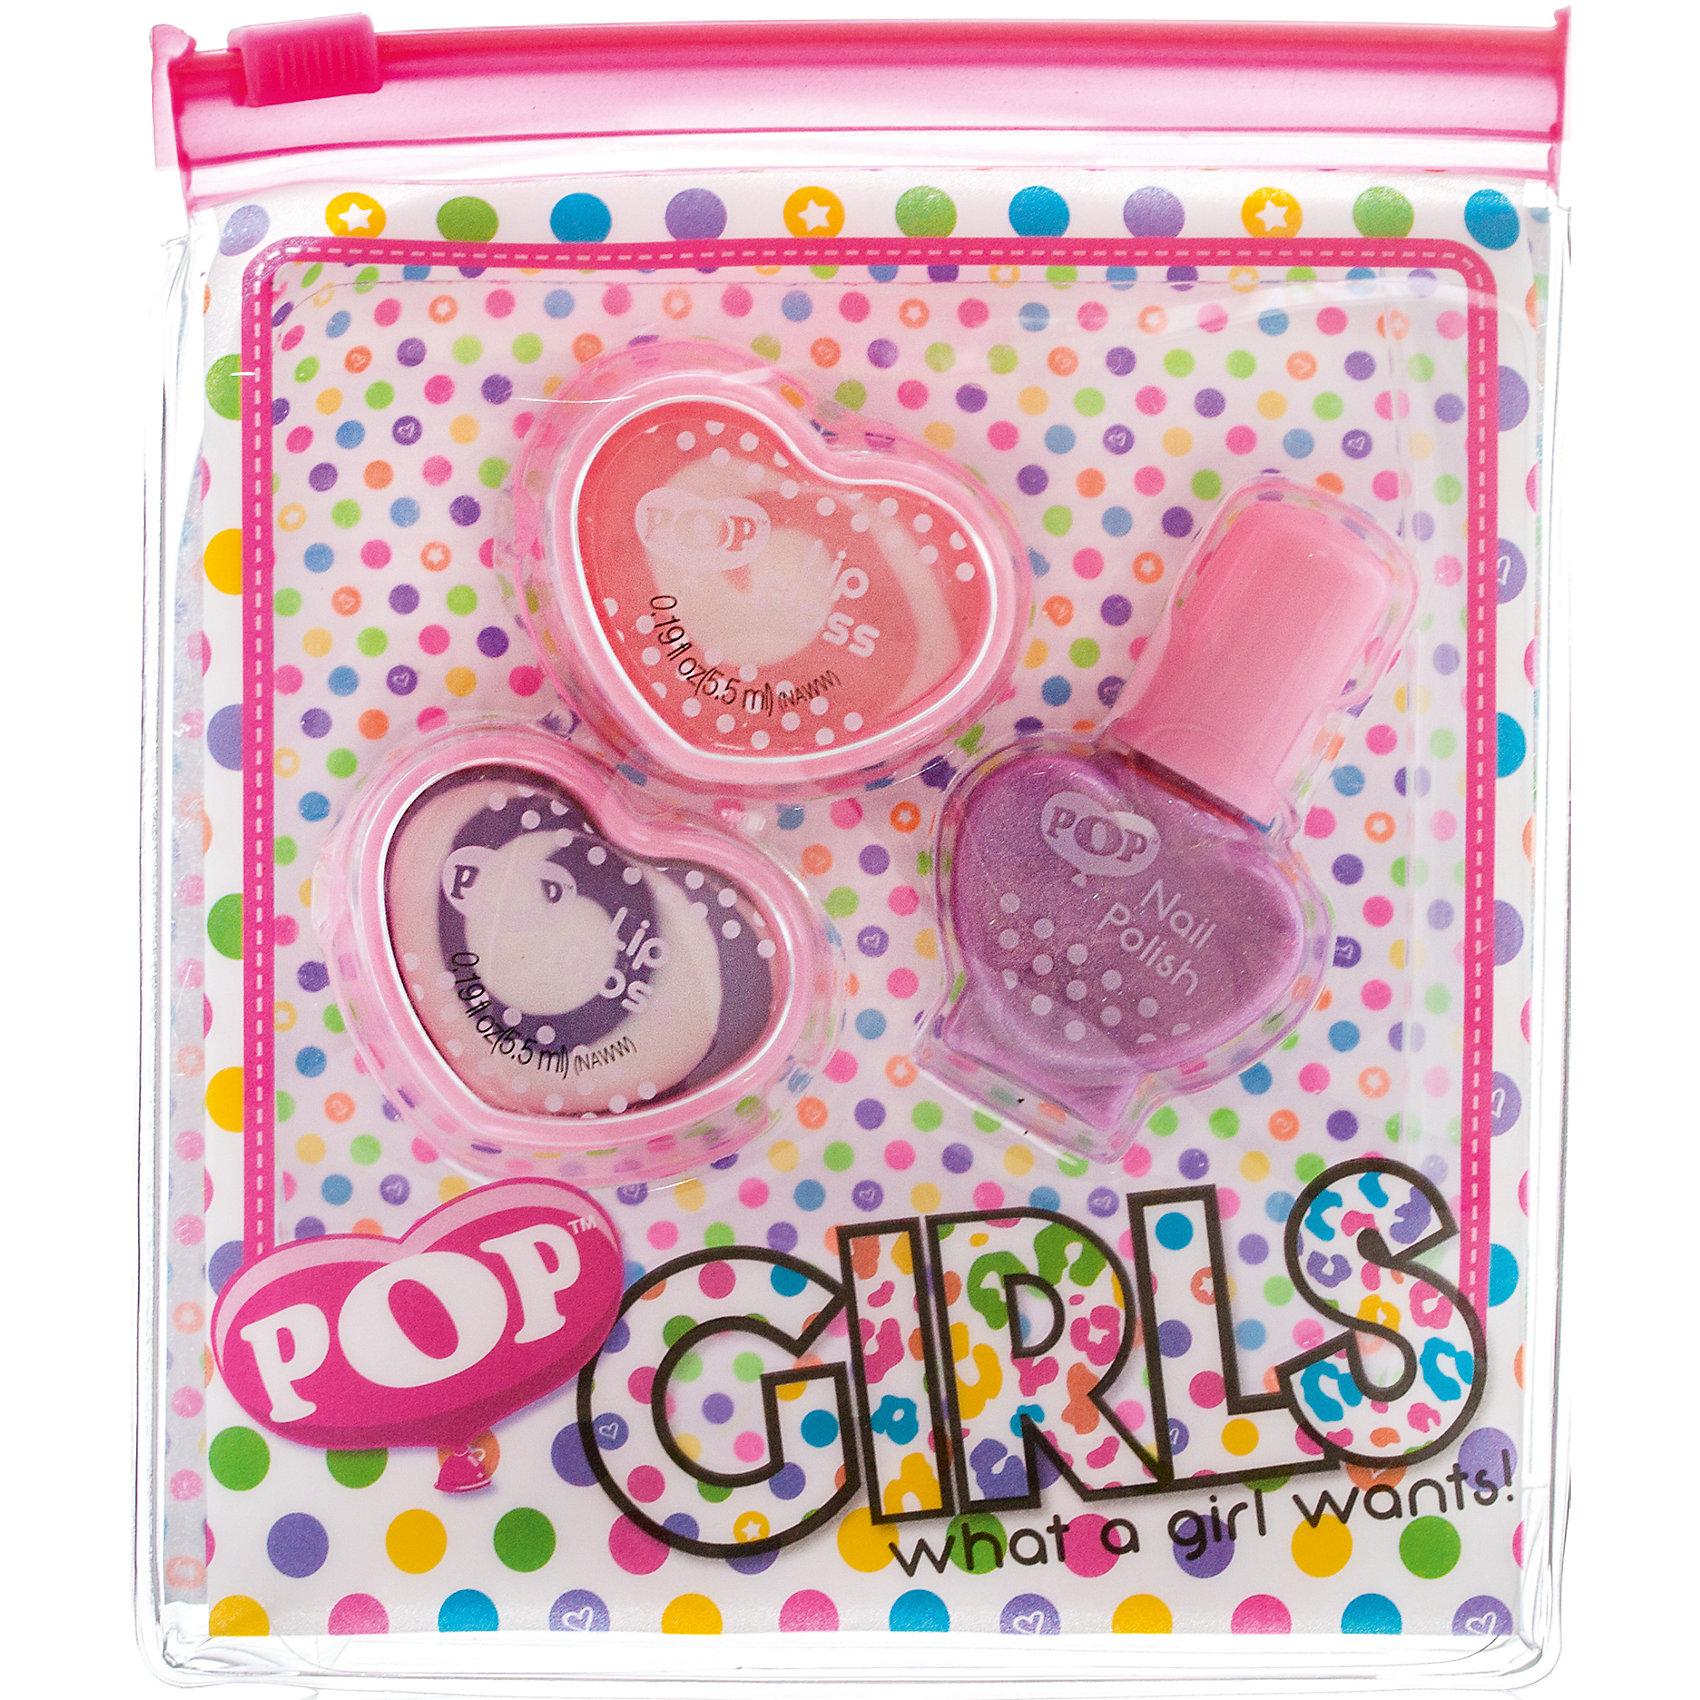 Набор детской косметики Pop Girls для губ и ногтейХарактеристики:<br><br>• Наименование: детская декоративная косметика<br>• Предназначение: для сюжетно-ролевых игр<br>• Пол: для девочки<br>• Материал: натуральные косметические компоненты, пластик<br>• Цвет: розовый, сиреневый<br>• Комплектация: 2 баночки блеска для губ, лак для ногтей<br>• Размеры (Д*Ш*В): 11*2*13 см<br>• Вес: 55 г <br>• Упаковка: косметичка на замочке<br><br>Игровой набор детской декоративной косметики POP для губ и ногтей – это набор игровой детской косметики от Markwins, которая вот уже несколько десятилетий специализируется на выпуске детской косметики. Рецептура декоративной детской косметики разработана совместно с косметологами и медиками, в основе рецептуры – водная основа, а потому она гипоаллергенны, не вызывает раздражений на детской коже и легко смывается, не оставляя следа. Безопасность продукции подтверждена международными сертификатами качества и безопасности. <br>Игровой набор детской декоративной косметики POP для губ и ногтей состоит из 2-х баночек блеска для губ модных в любом сезоне оттенков и лака для ногтей. Набор упакован в косметичку на замочке-молнии. Косметические средства, входящие в состав набора, имеют длительный срок хранения – 12 месяцев. Игровой набор детской декоративной косметики POP для губ и ногтей от Markwins может стать незаменимым праздничным подарком для любой маленькой модницы!<br><br>Игровой набор детской декоративной косметики POP для губ и ногтей можно купить в нашем интернет-магазине.<br><br>Ширина мм: 110<br>Глубина мм: 130<br>Высота мм: 30<br>Вес г: 68<br>Возраст от месяцев: 48<br>Возраст до месяцев: 120<br>Пол: Женский<br>Возраст: Детский<br>SKU: 5124693